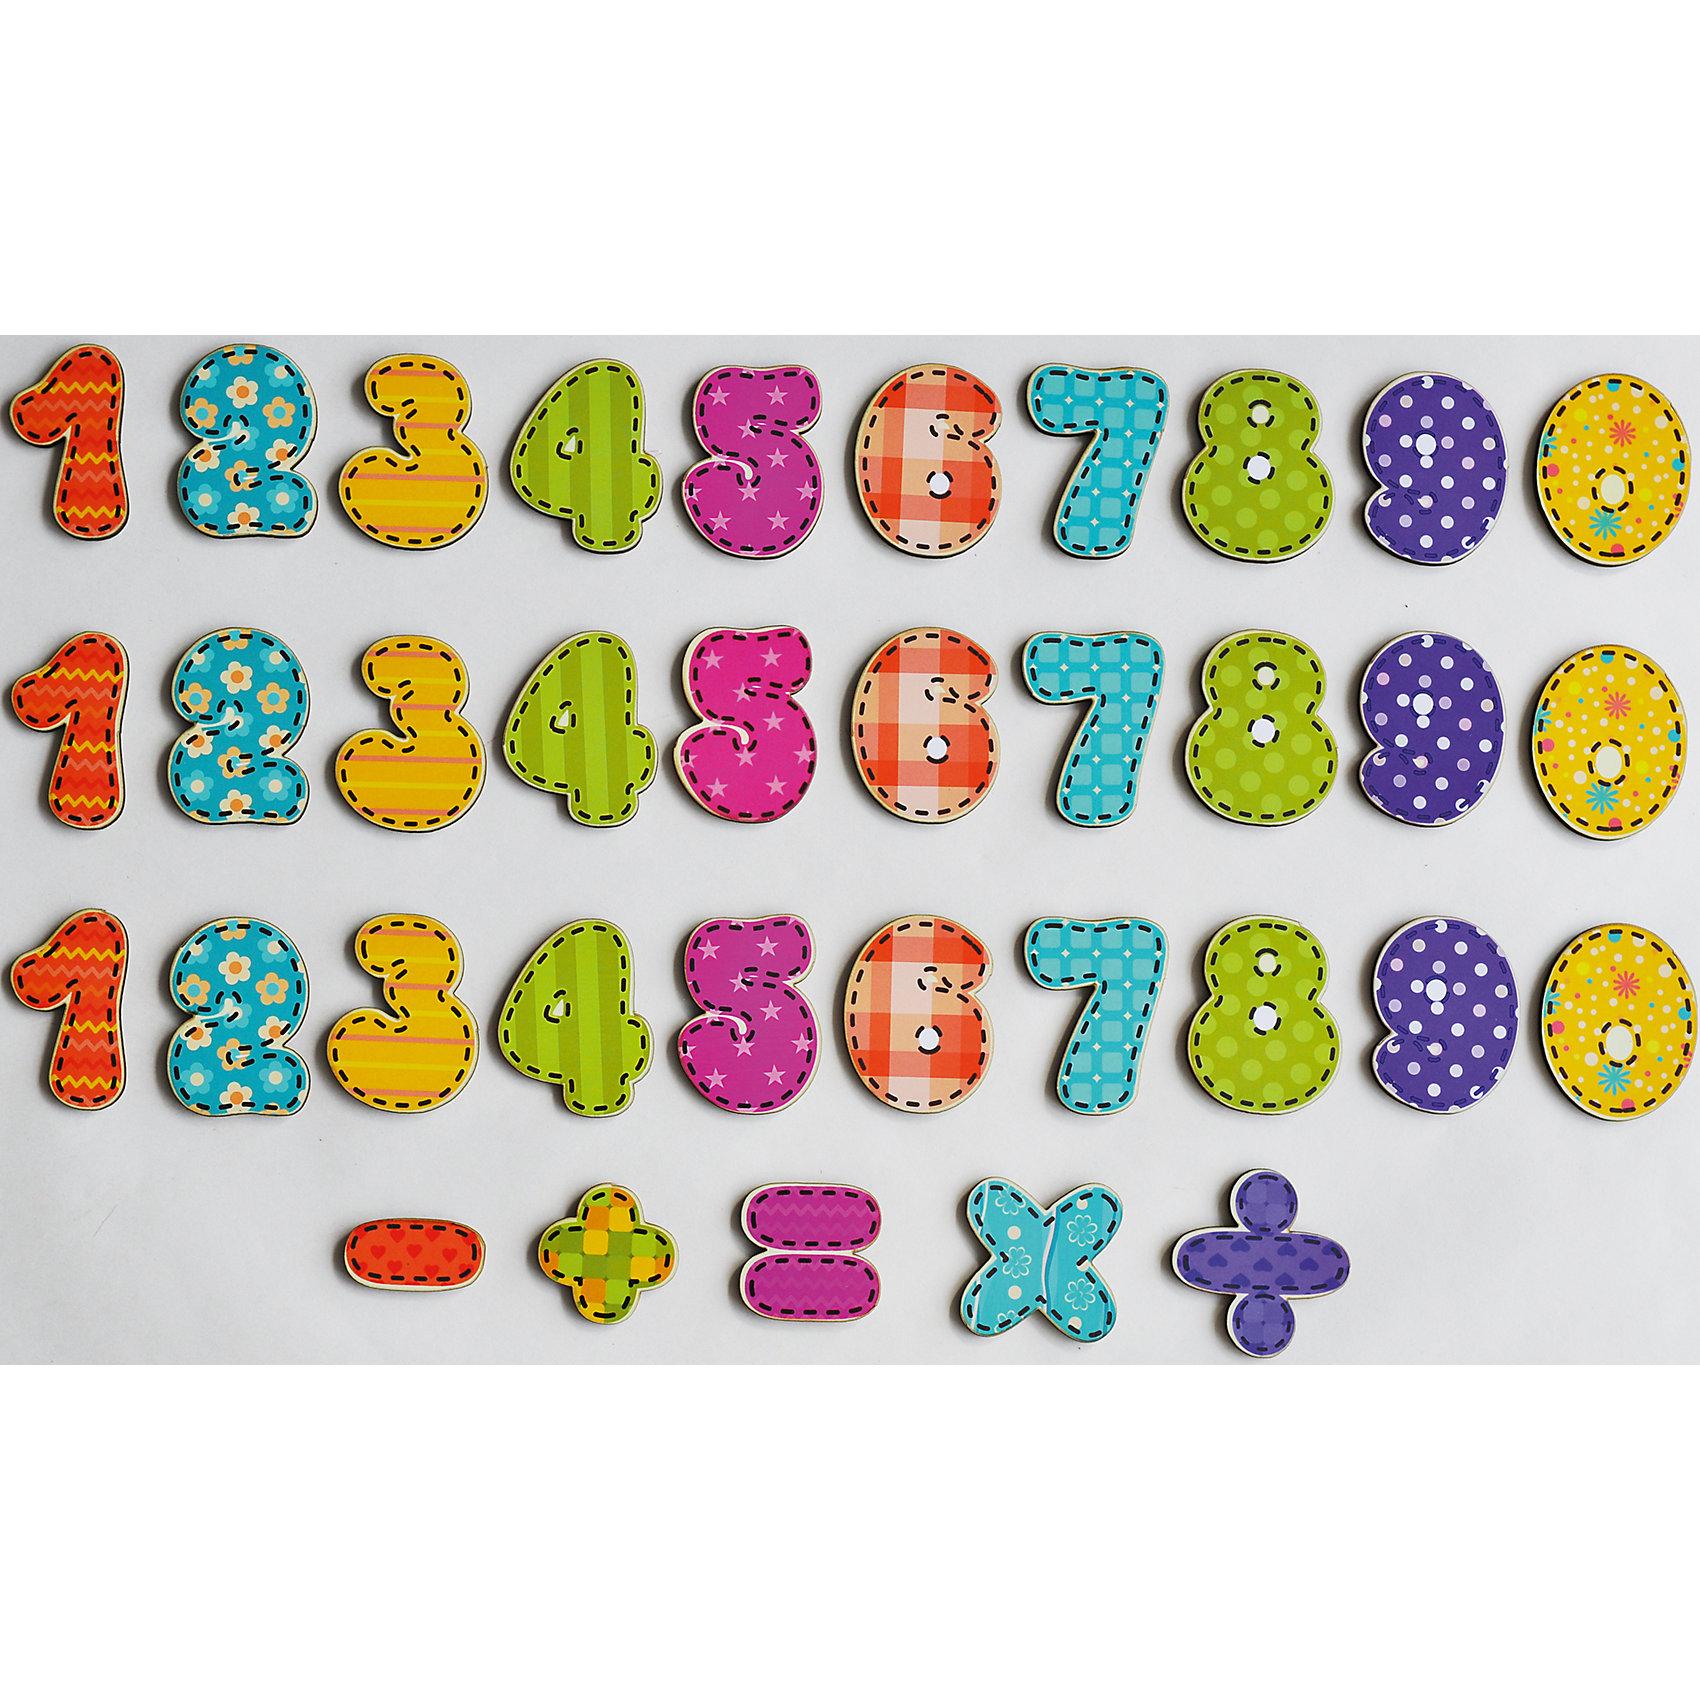 Магниты Учимся считатьСделать процесс познавания мира для малышей - просто! Яркие обучающие магниты «Учимся считать» помогут ребенку легко запомнить цифры и освоить математические операции.<br>Эти магниты легко увлекут займет ребенка! Игра с ними помогает детям развивать мелкую моторику, внимательность и познавать мир. Обучающая игрушка сделана из качественных и безопасных для ребенка материалов - натурального дерева.<br><br>Дополнительная информация:<br><br>цвет: разноцветный;<br>размер упаковки:  19 х 5 х 12 см;<br>вес: 170 г;<br>элементов: 35;<br>материал: дерево, бумага, полимер.<br><br>Магниты Учимся считать можно купить в нашем магазине.<br><br>Ширина мм: 190<br>Глубина мм: 50<br>Высота мм: 120<br>Вес г: 170<br>Возраст от месяцев: 36<br>Возраст до месяцев: 2147483647<br>Пол: Унисекс<br>Возраст: Детский<br>SKU: 4916399